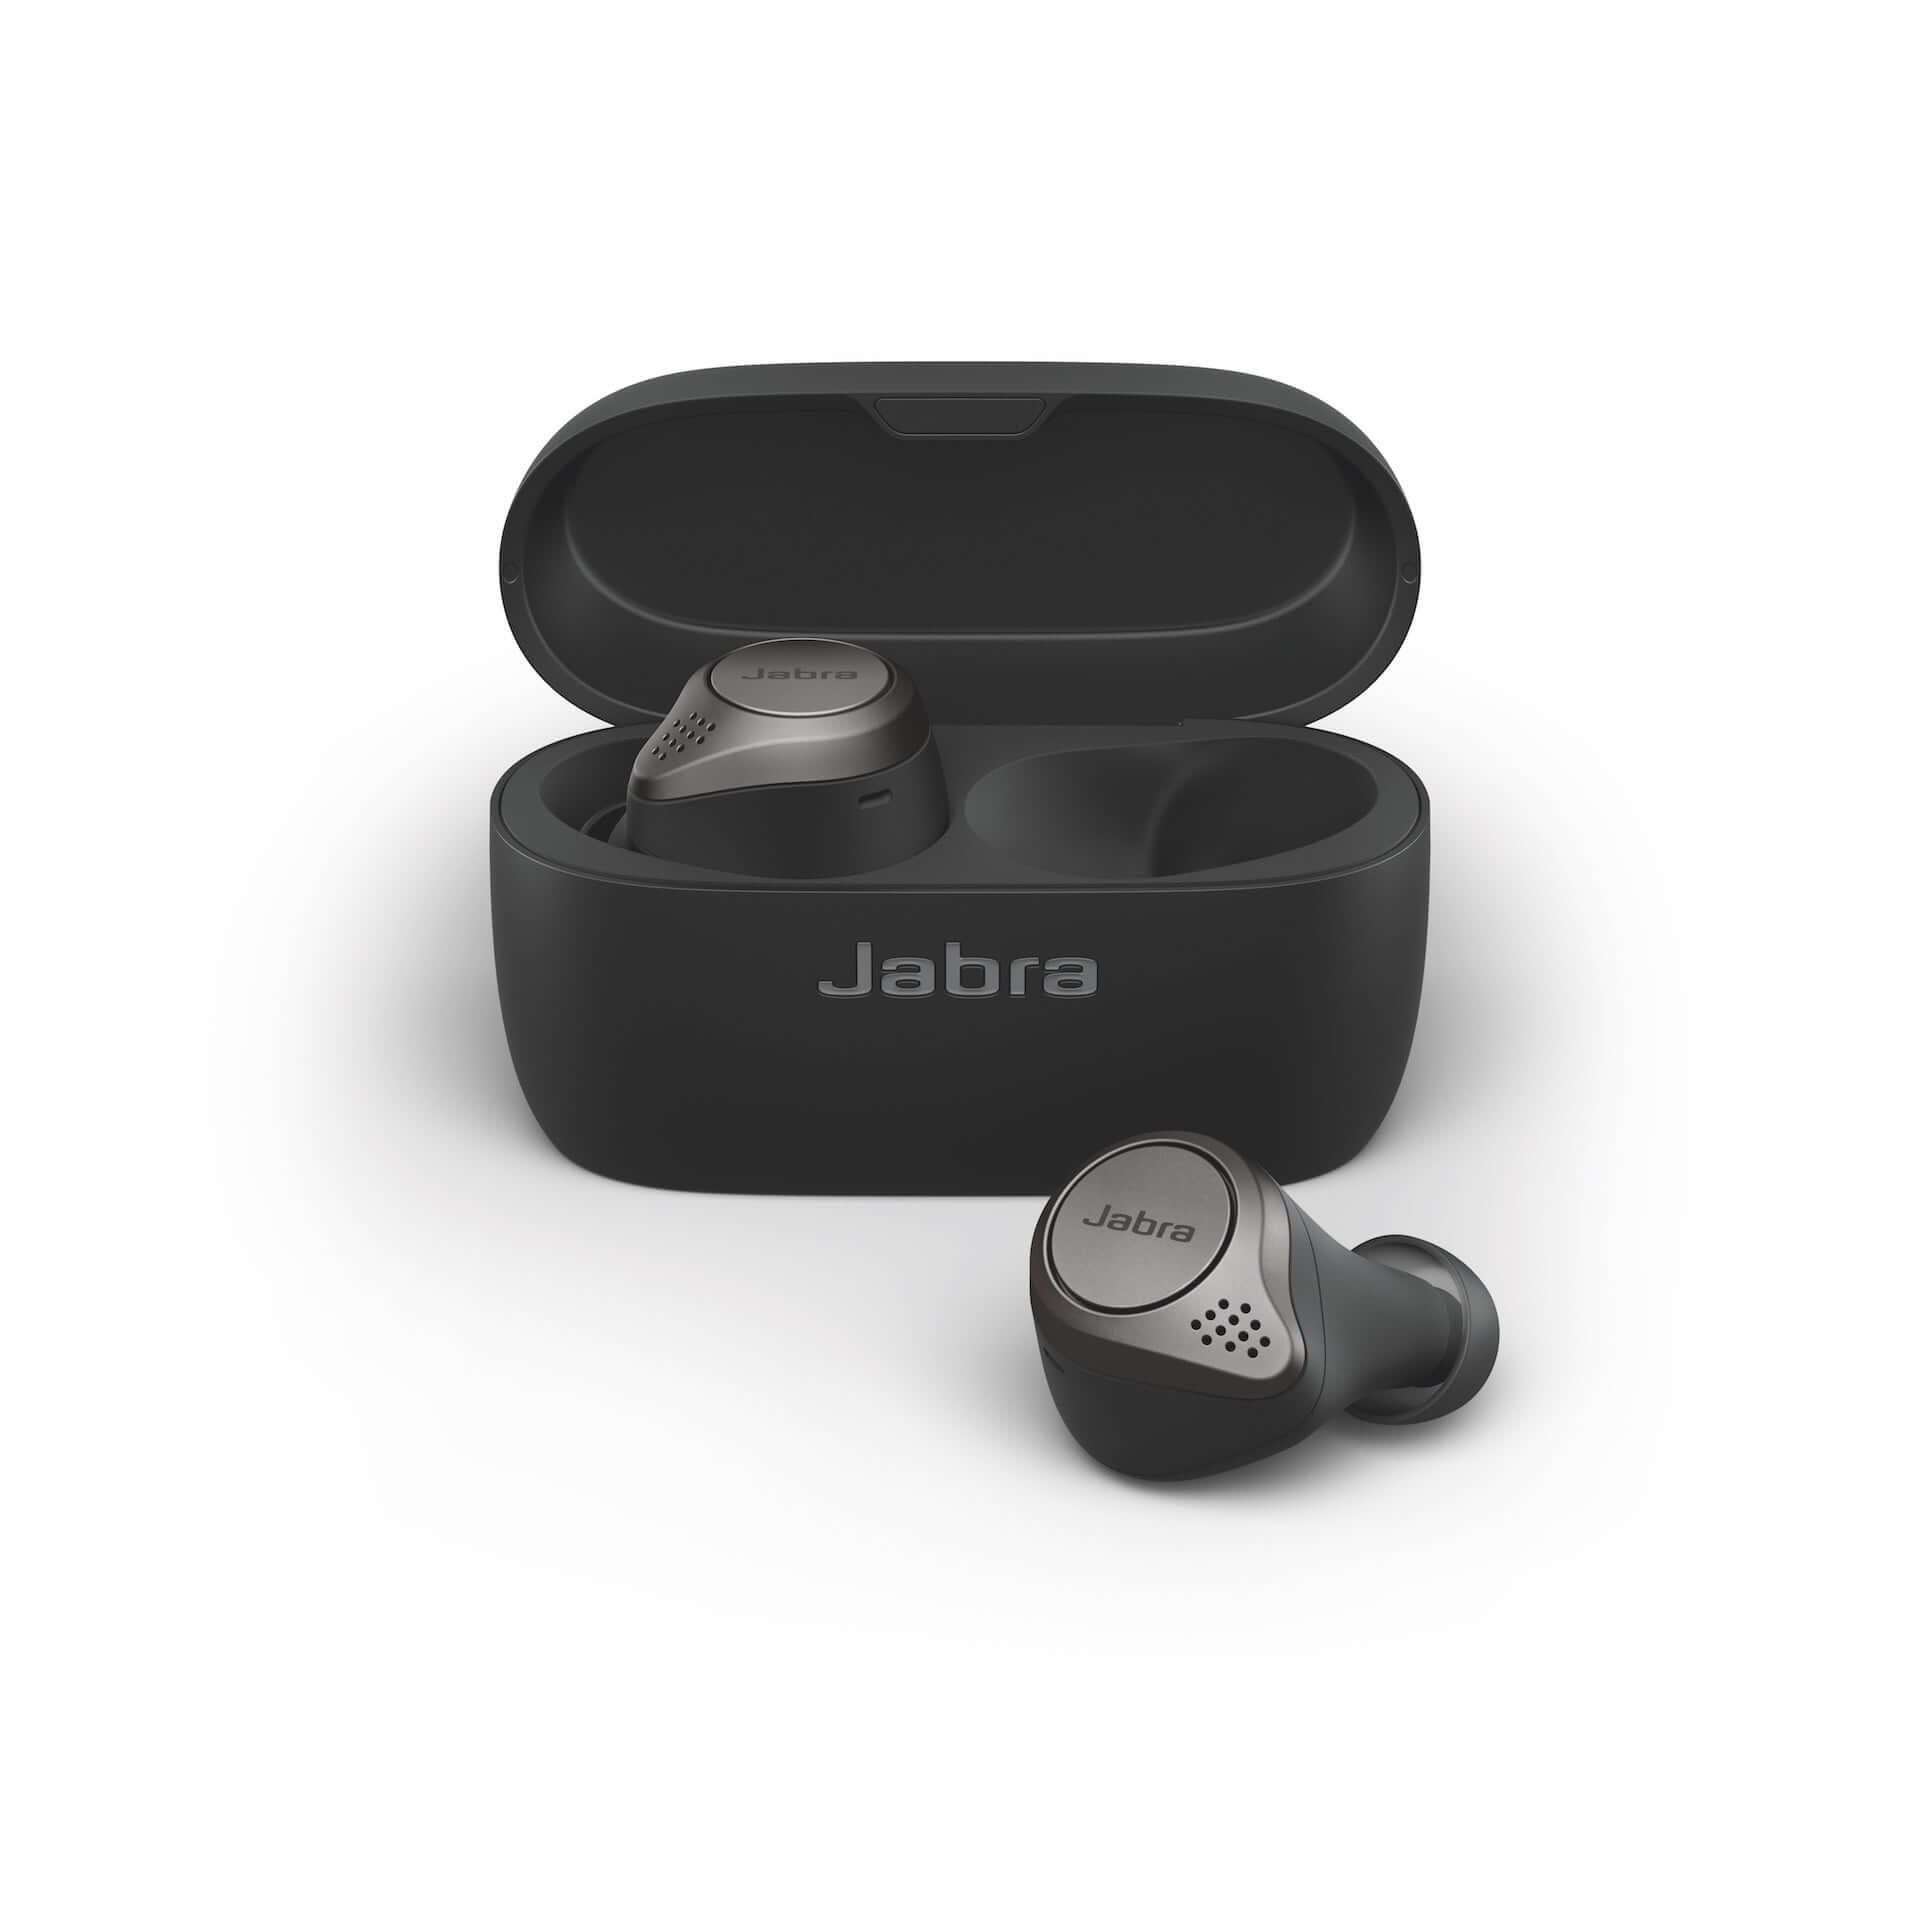 バッテリー持続時間が驚異の7.5時間!第4世代の完全ワイヤレスイヤホン「Elite 75t」が登場 tech190906_jabra_earphone_3-1920x1920